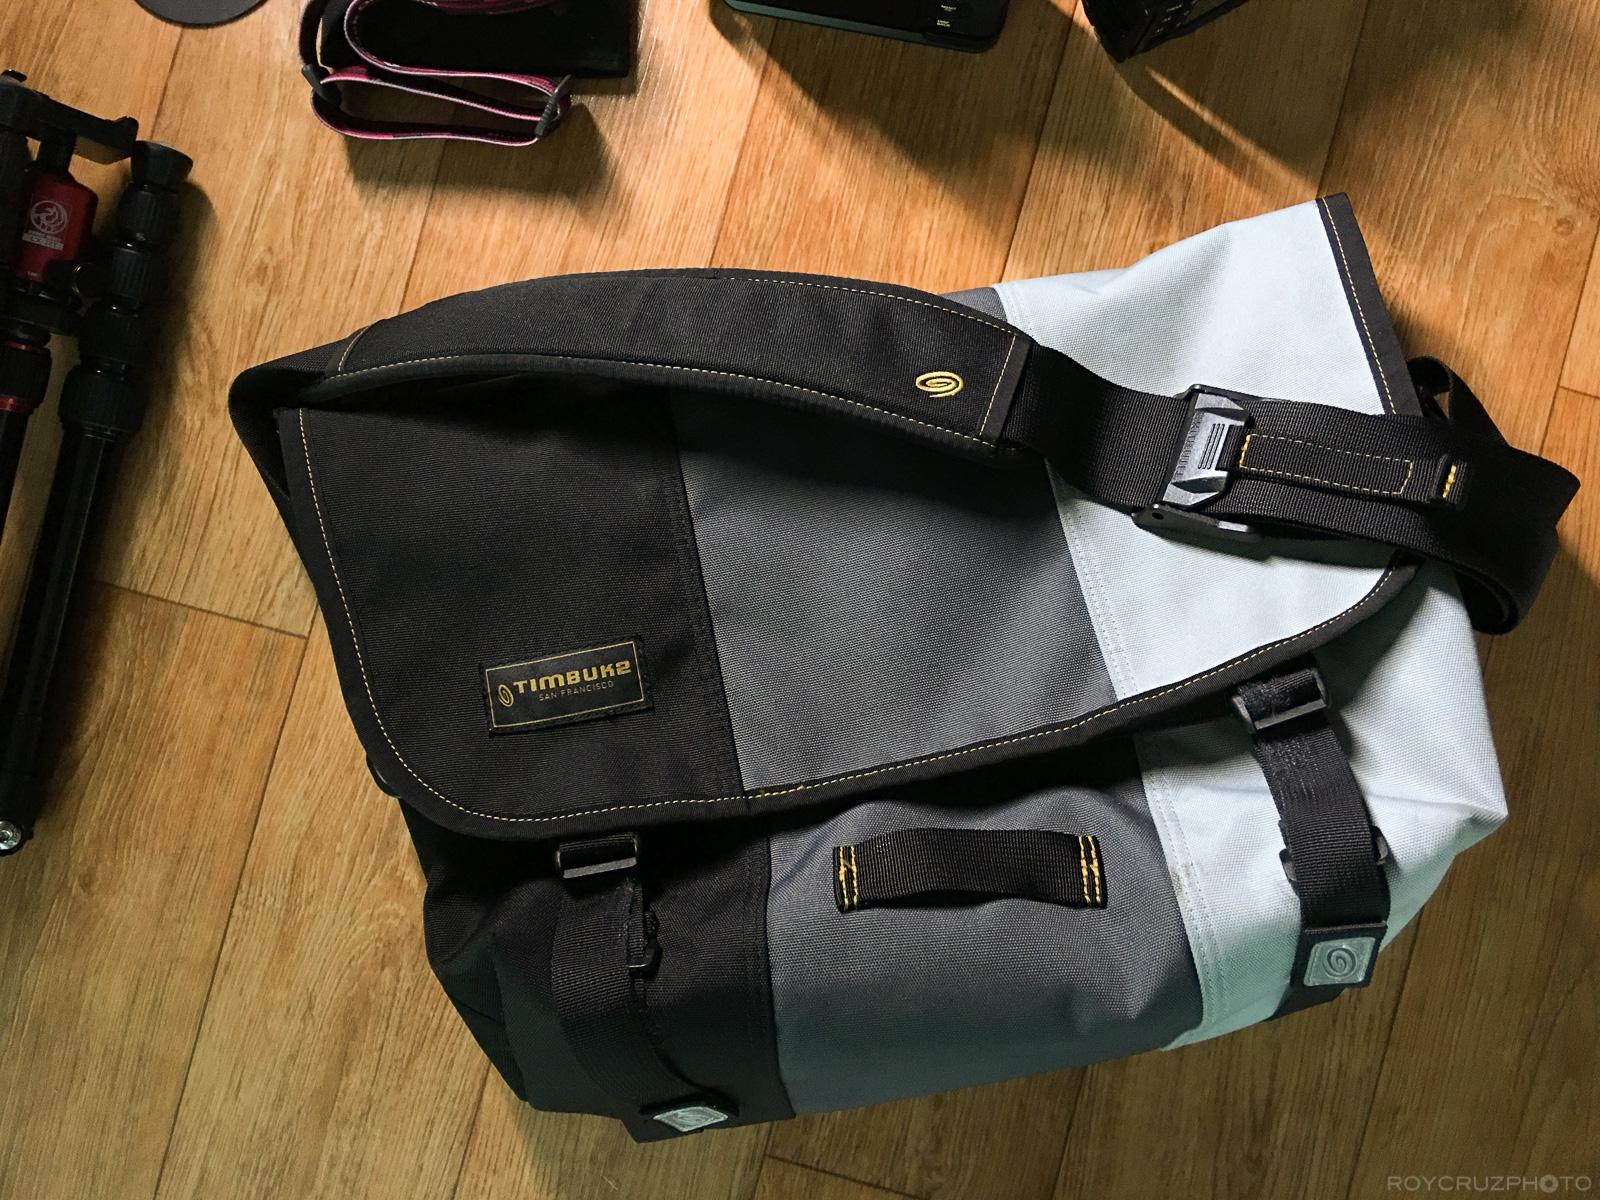 Fujifilm Travel Kit-3